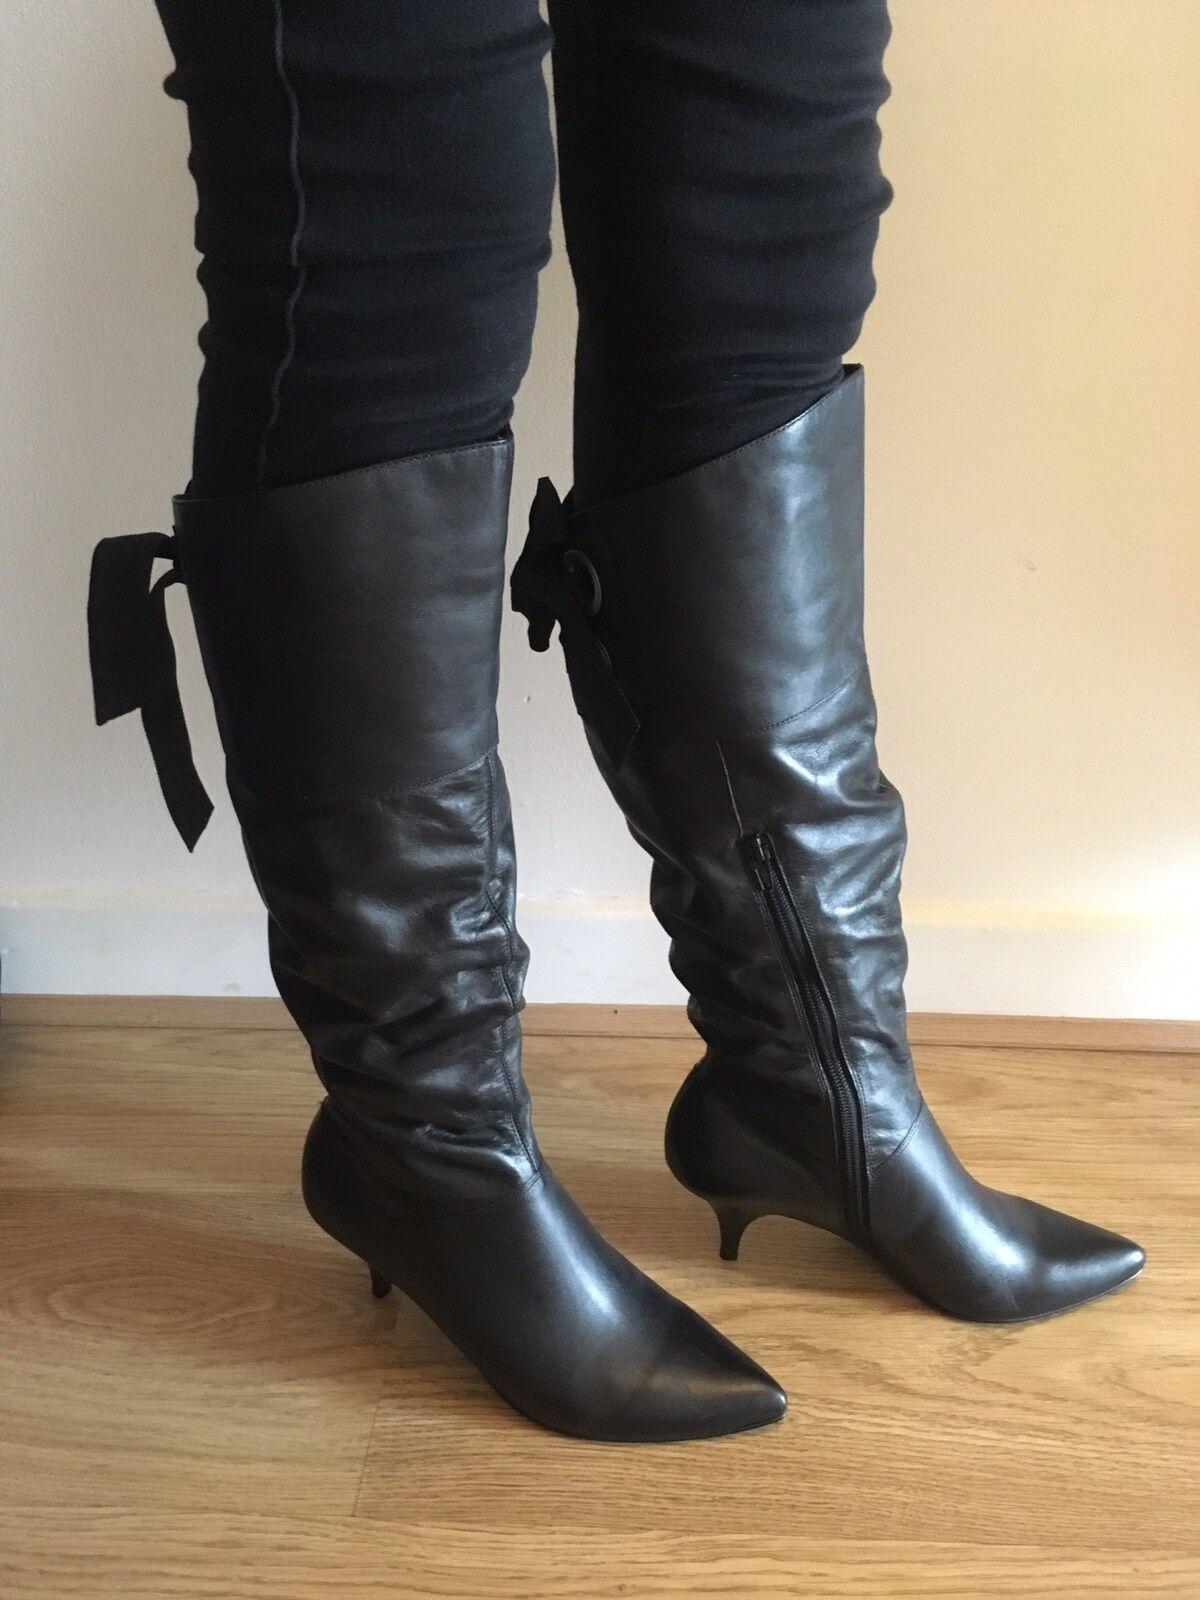 Nouvelles Bottines Femmes Dune Dune Dune Hautes En Cuir Bottes Bow Tie Up Back Zip-taille 5 convient taille 4 2c7602